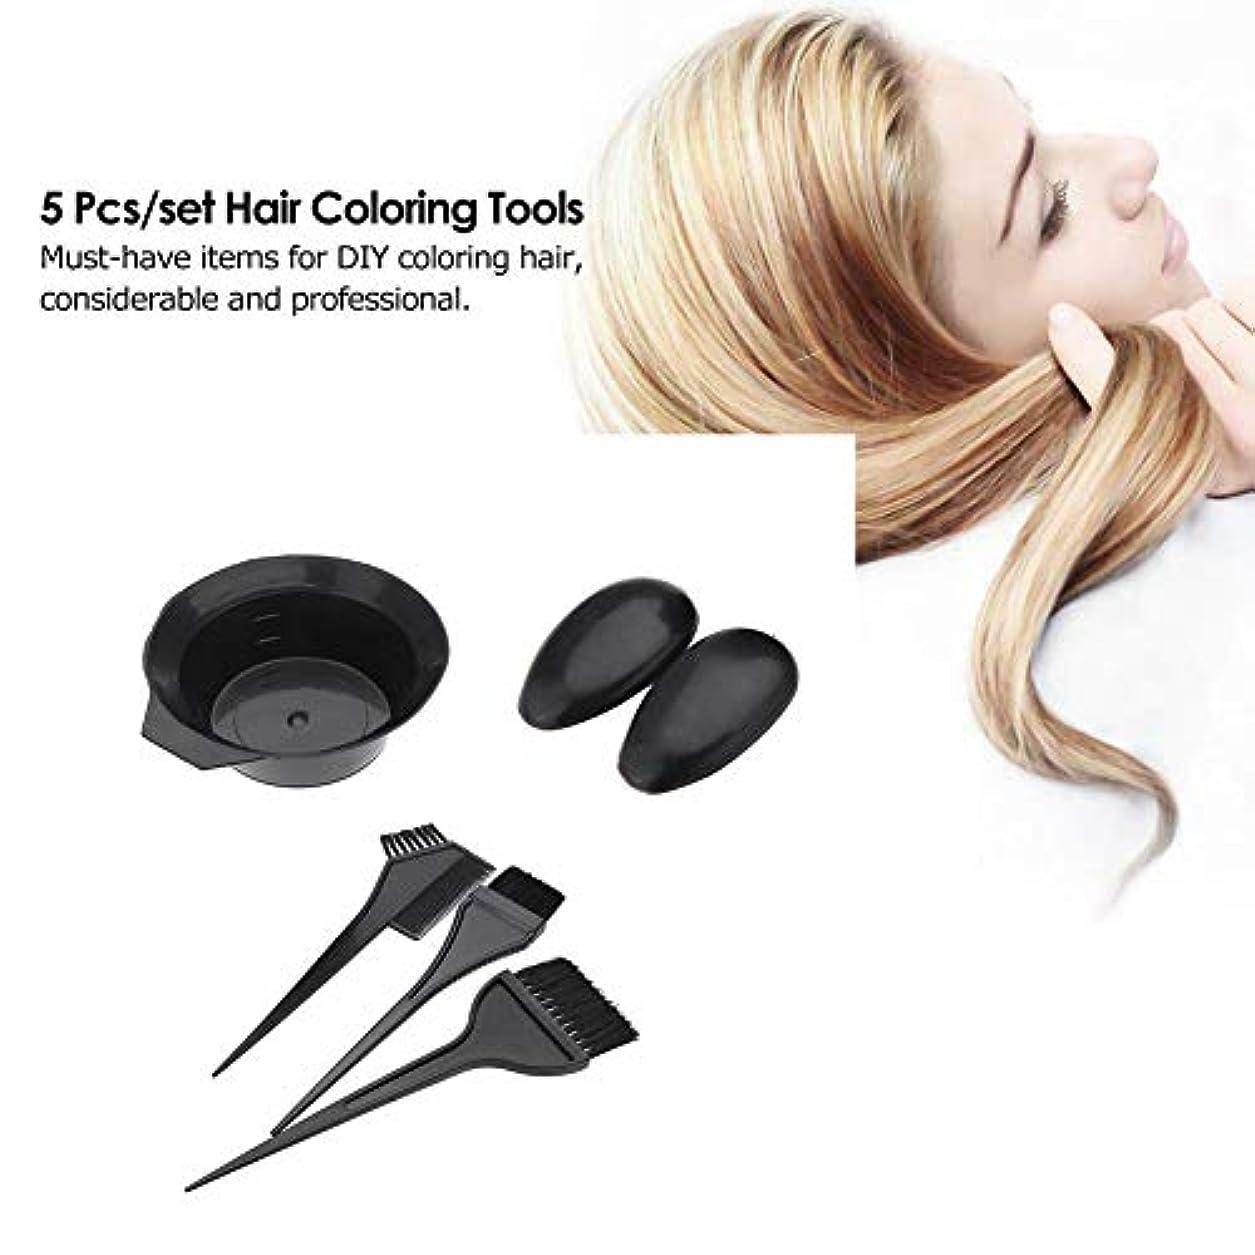 虚偽葉を集める役割染毛セットキット - 染毛カラーミキシングボウル&ブラシ&くし - 黒理髪美容ツールアプリケーター色合い5ピース